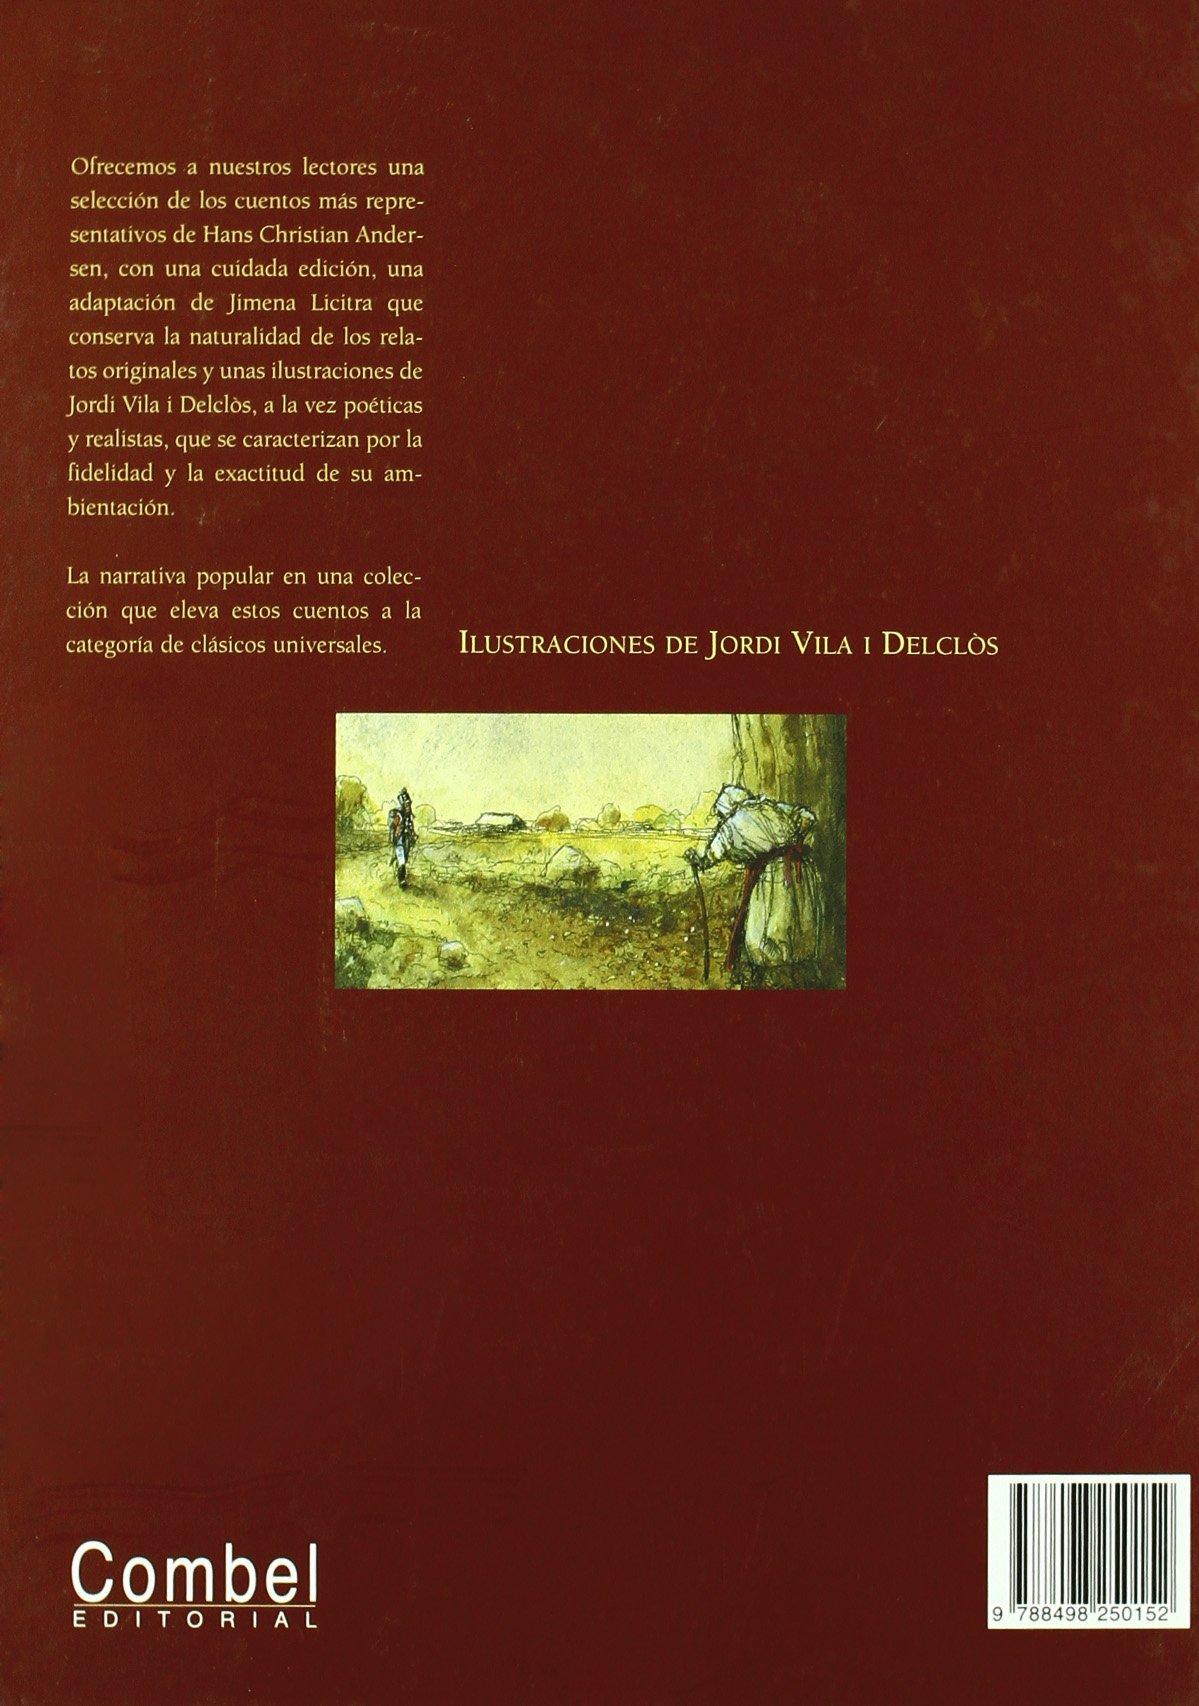 Mis cuentos preferidos de Hans Christian Andersen by Combel Editorial